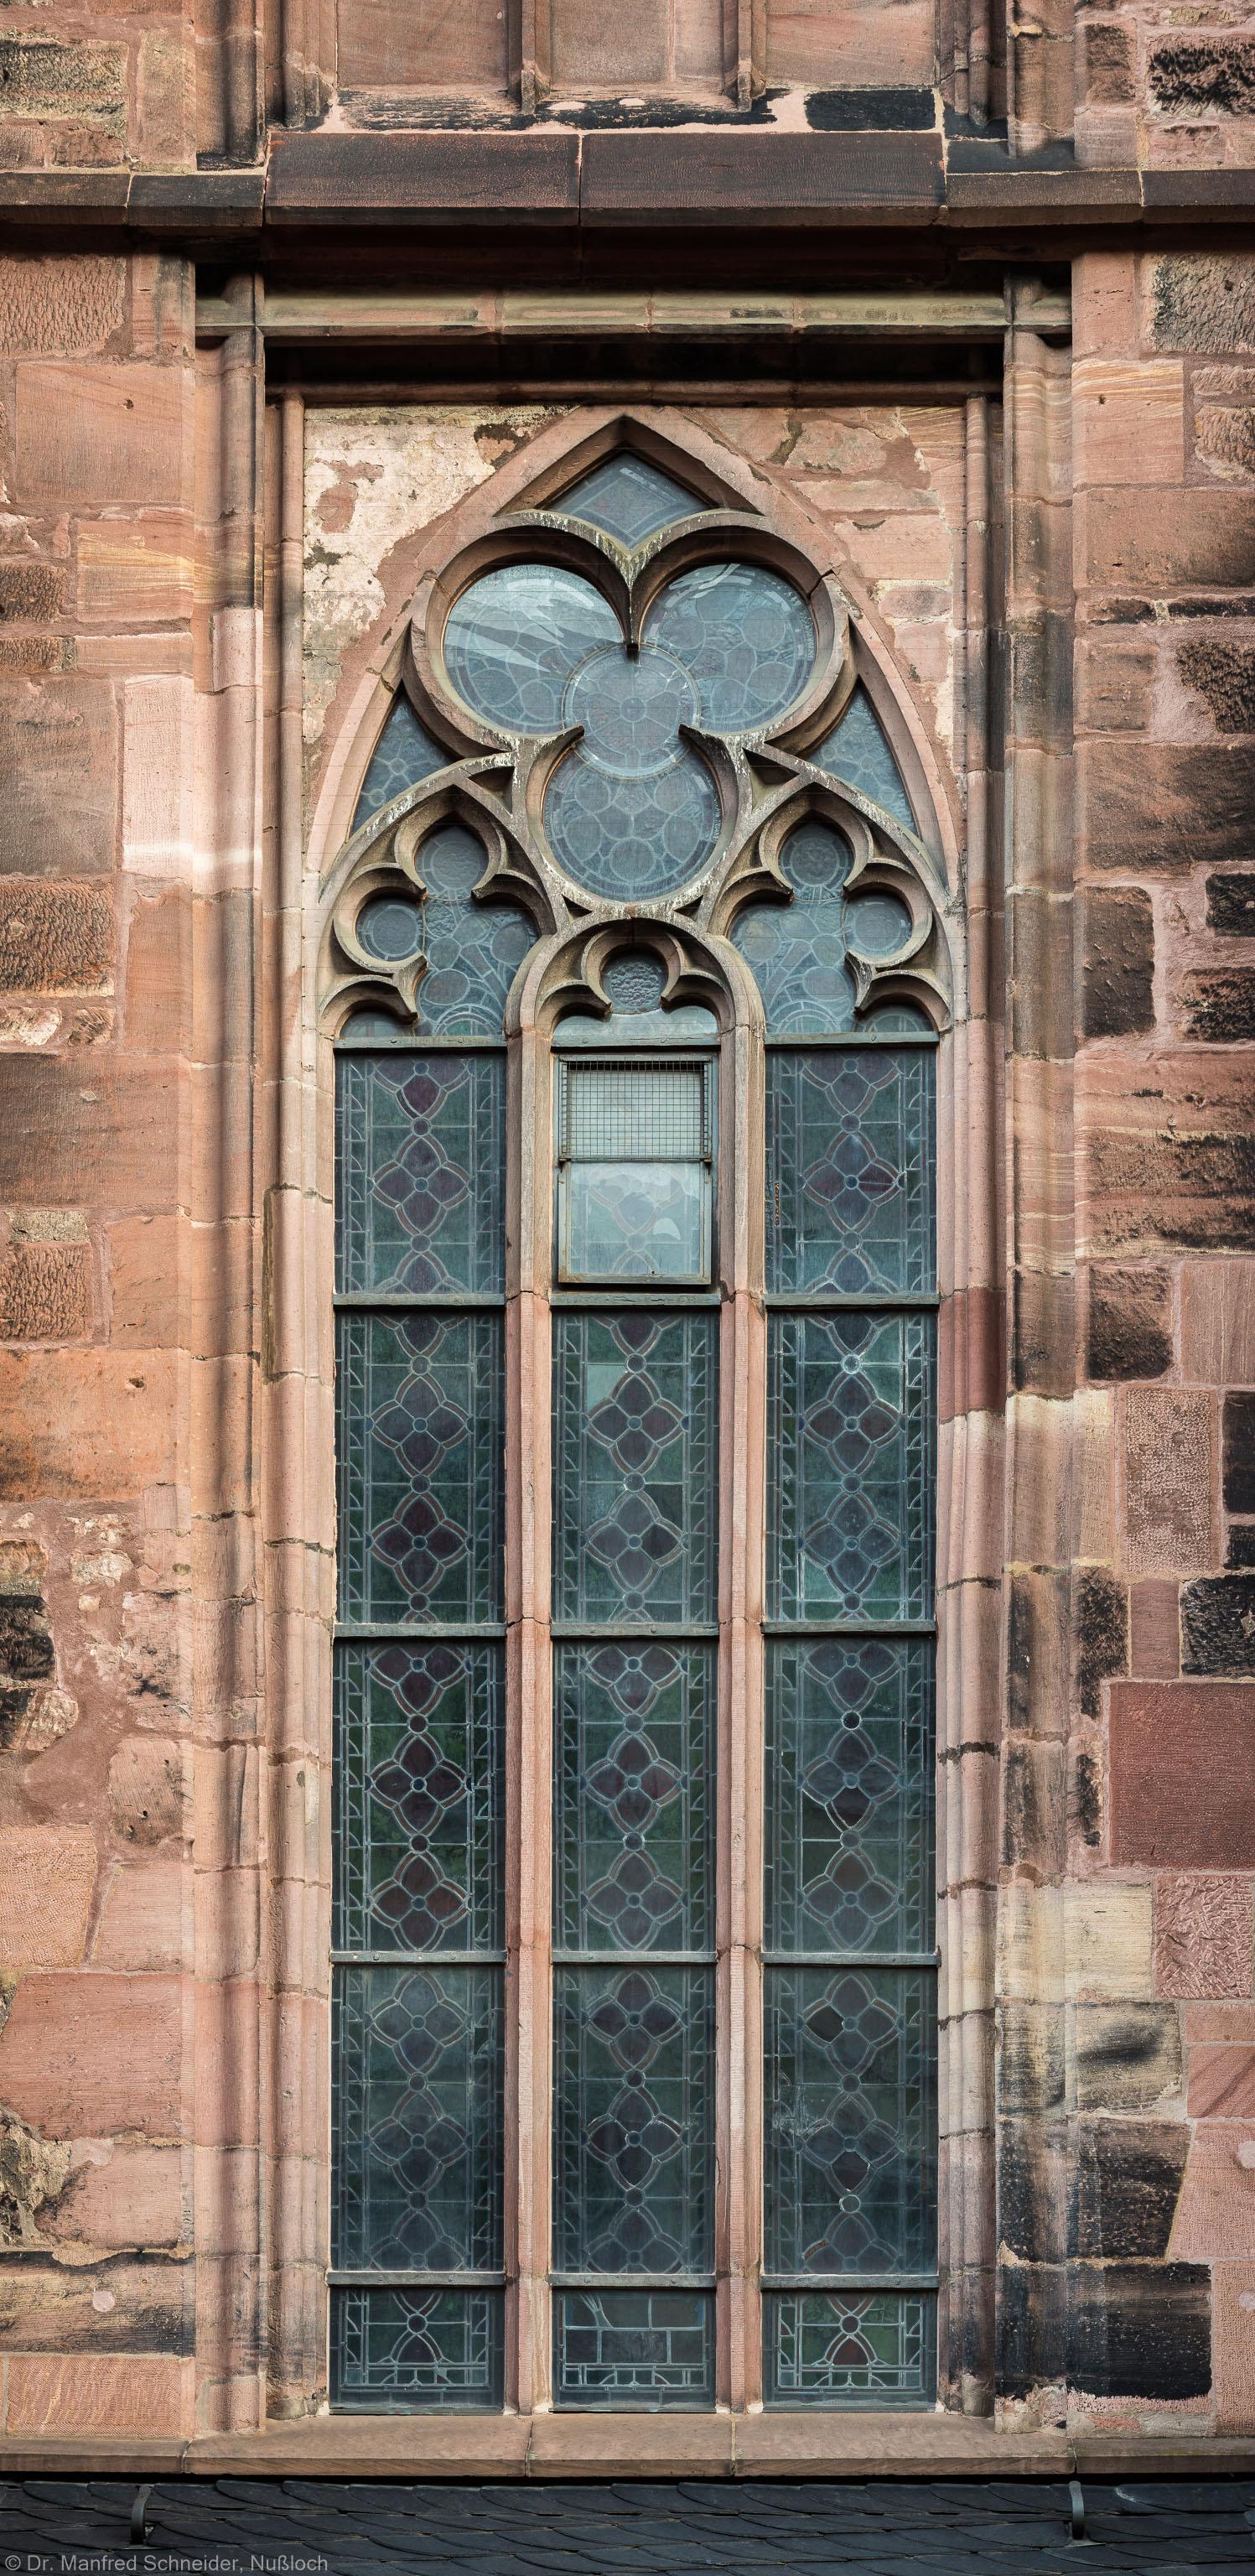 Heidelberg - Heiliggeistkirche - Südseite - 2. Fenster des Südschiffs, von Westen aus gezählt - Blick auf das Ornamentfenster (aufgenommen im November 2015, am Vormittag)